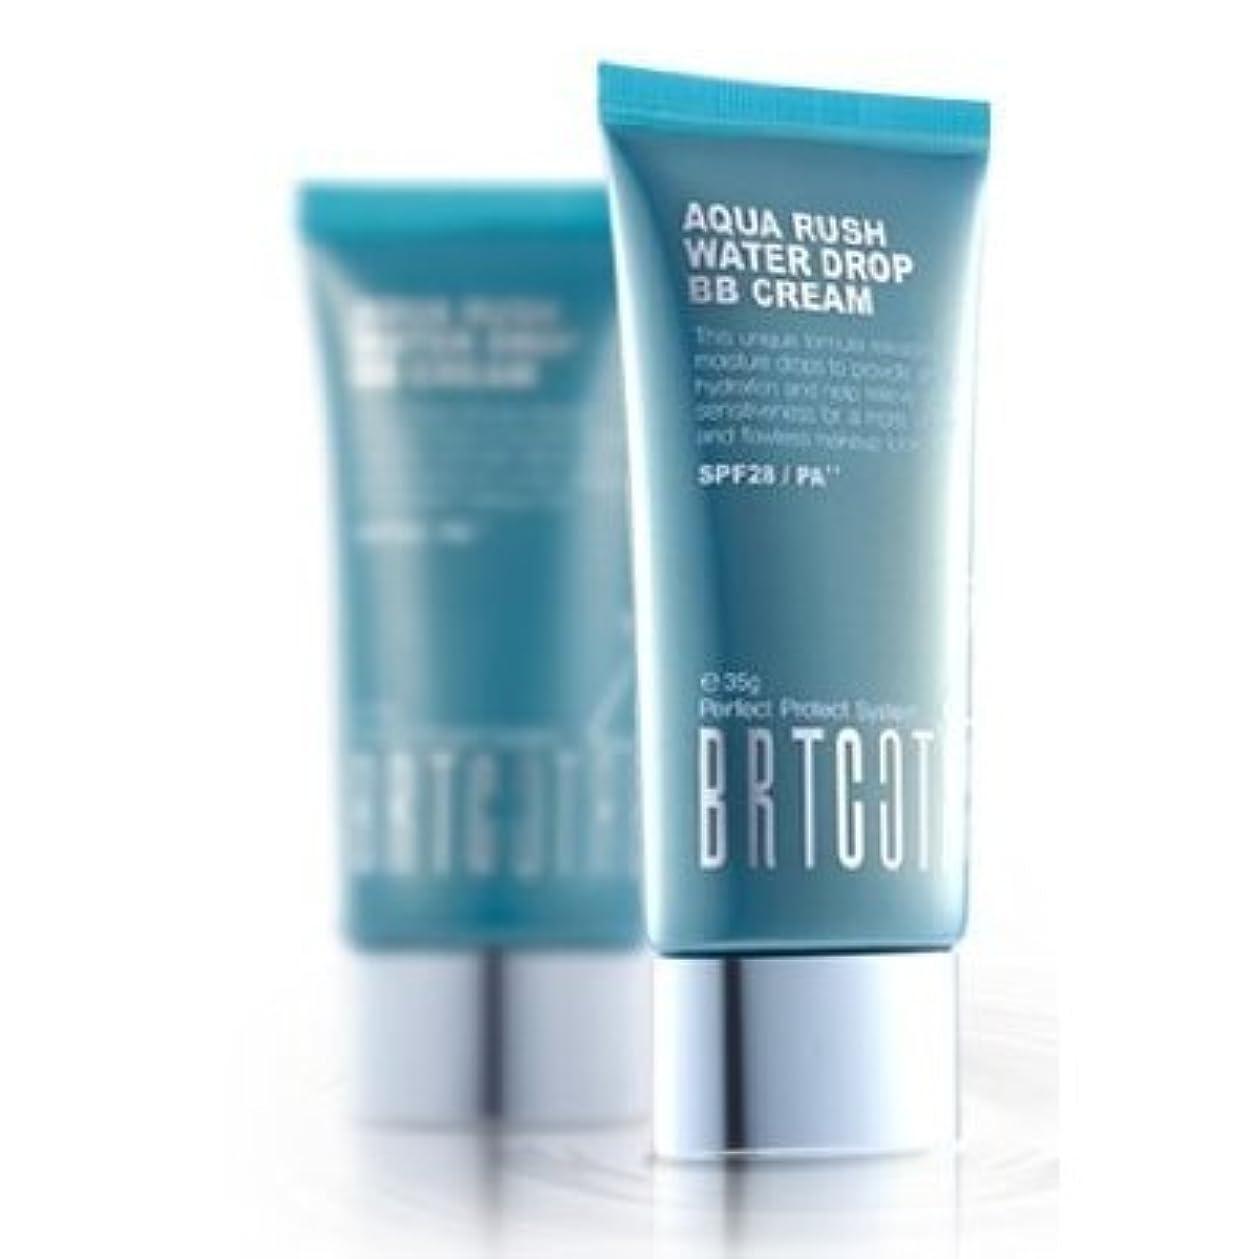 人生を作る痴漢却下するKOREAN COSMETICS, BRTC, Aqua Rush Water Drop BB Cream 60g (intensive moisturizing, skin tone correction, UV protection...